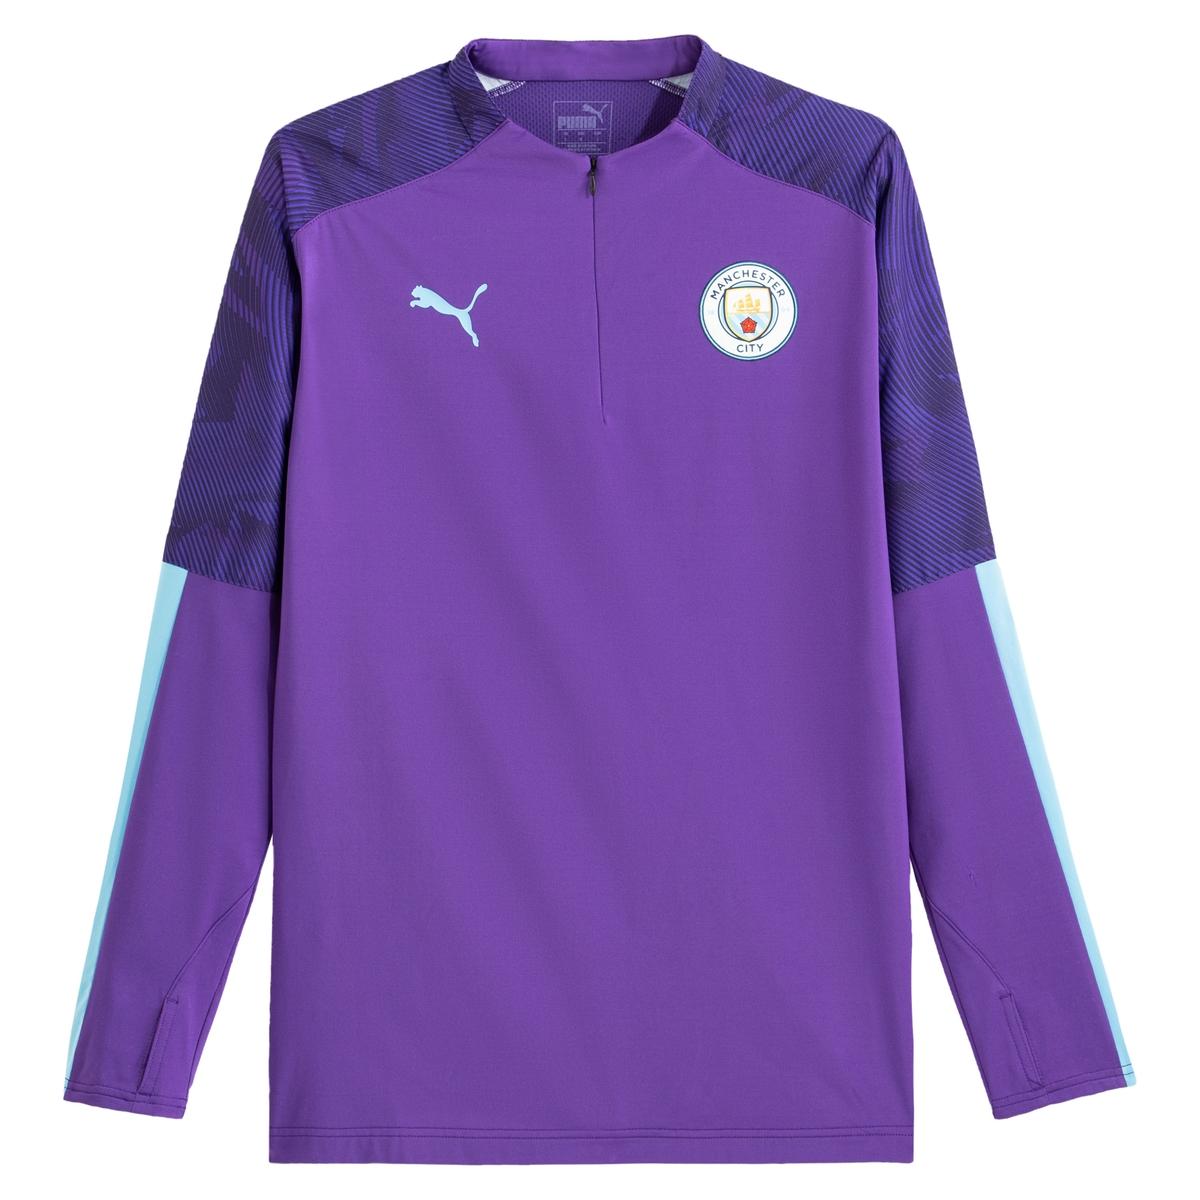 Camiseta de entrenamiento Manchester City con cremallera en el cuello